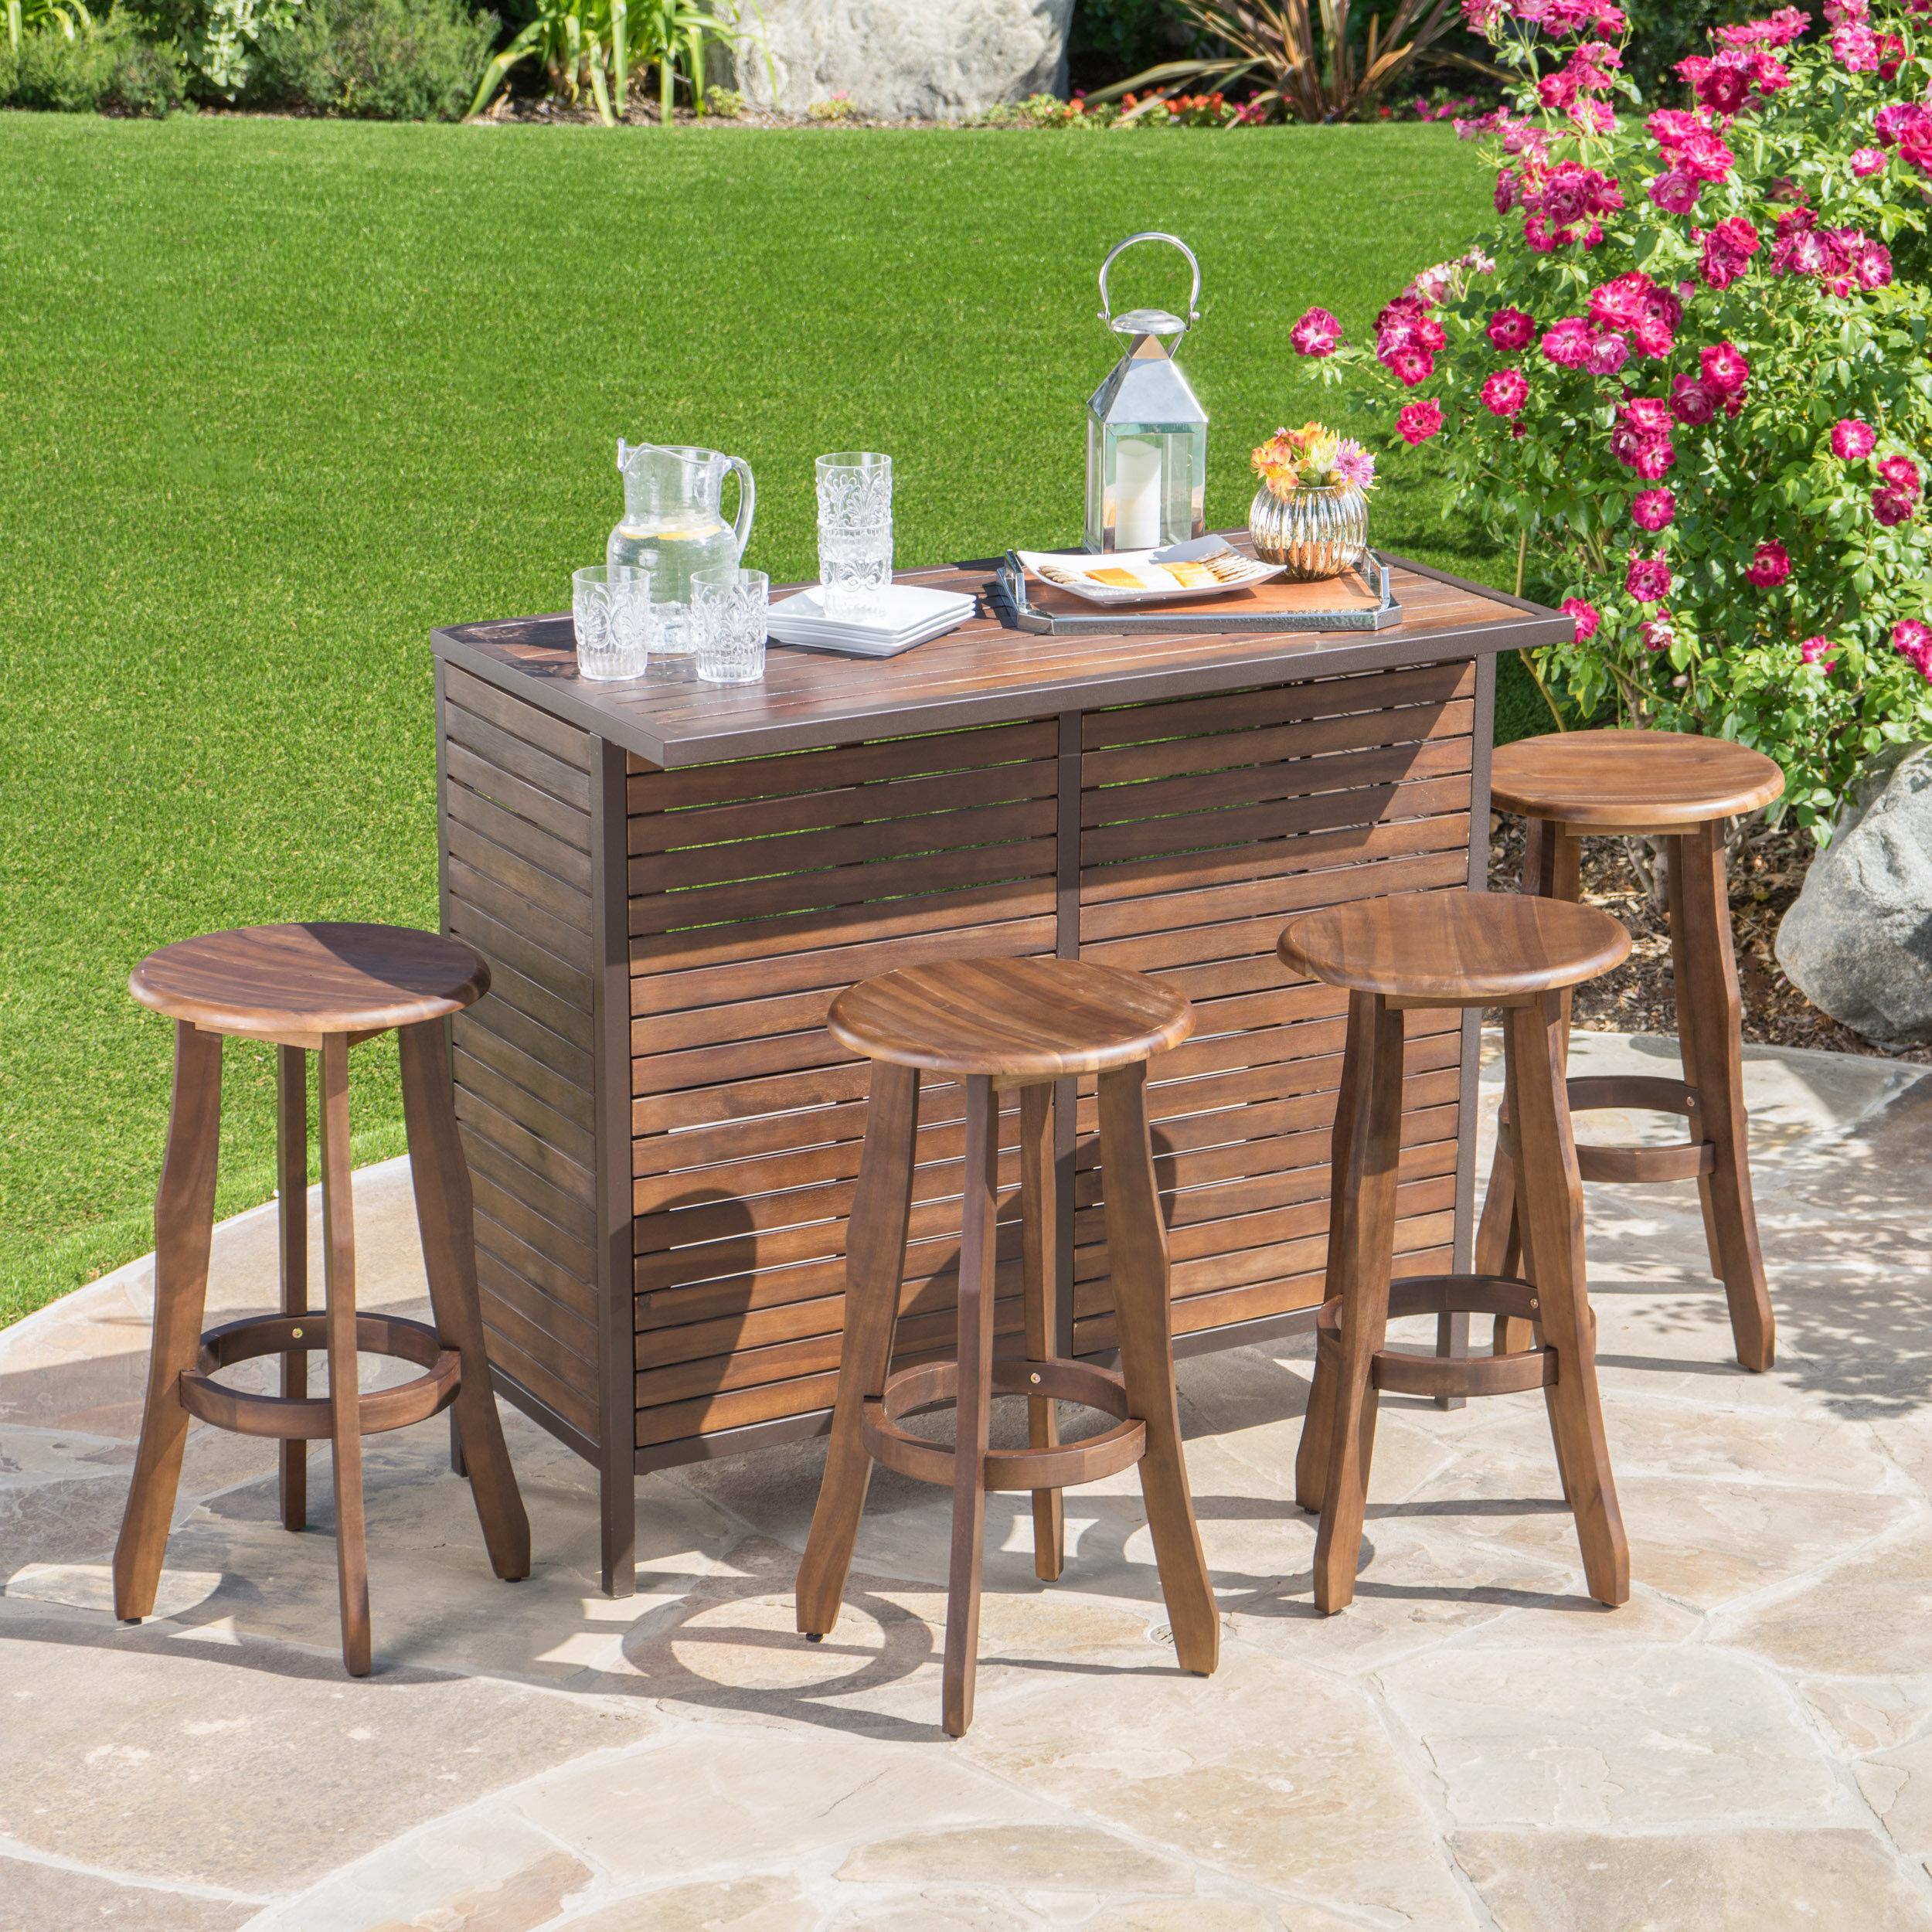 Loon peak rockridge outdoor acacia wood 5 piece home bar set wayfair